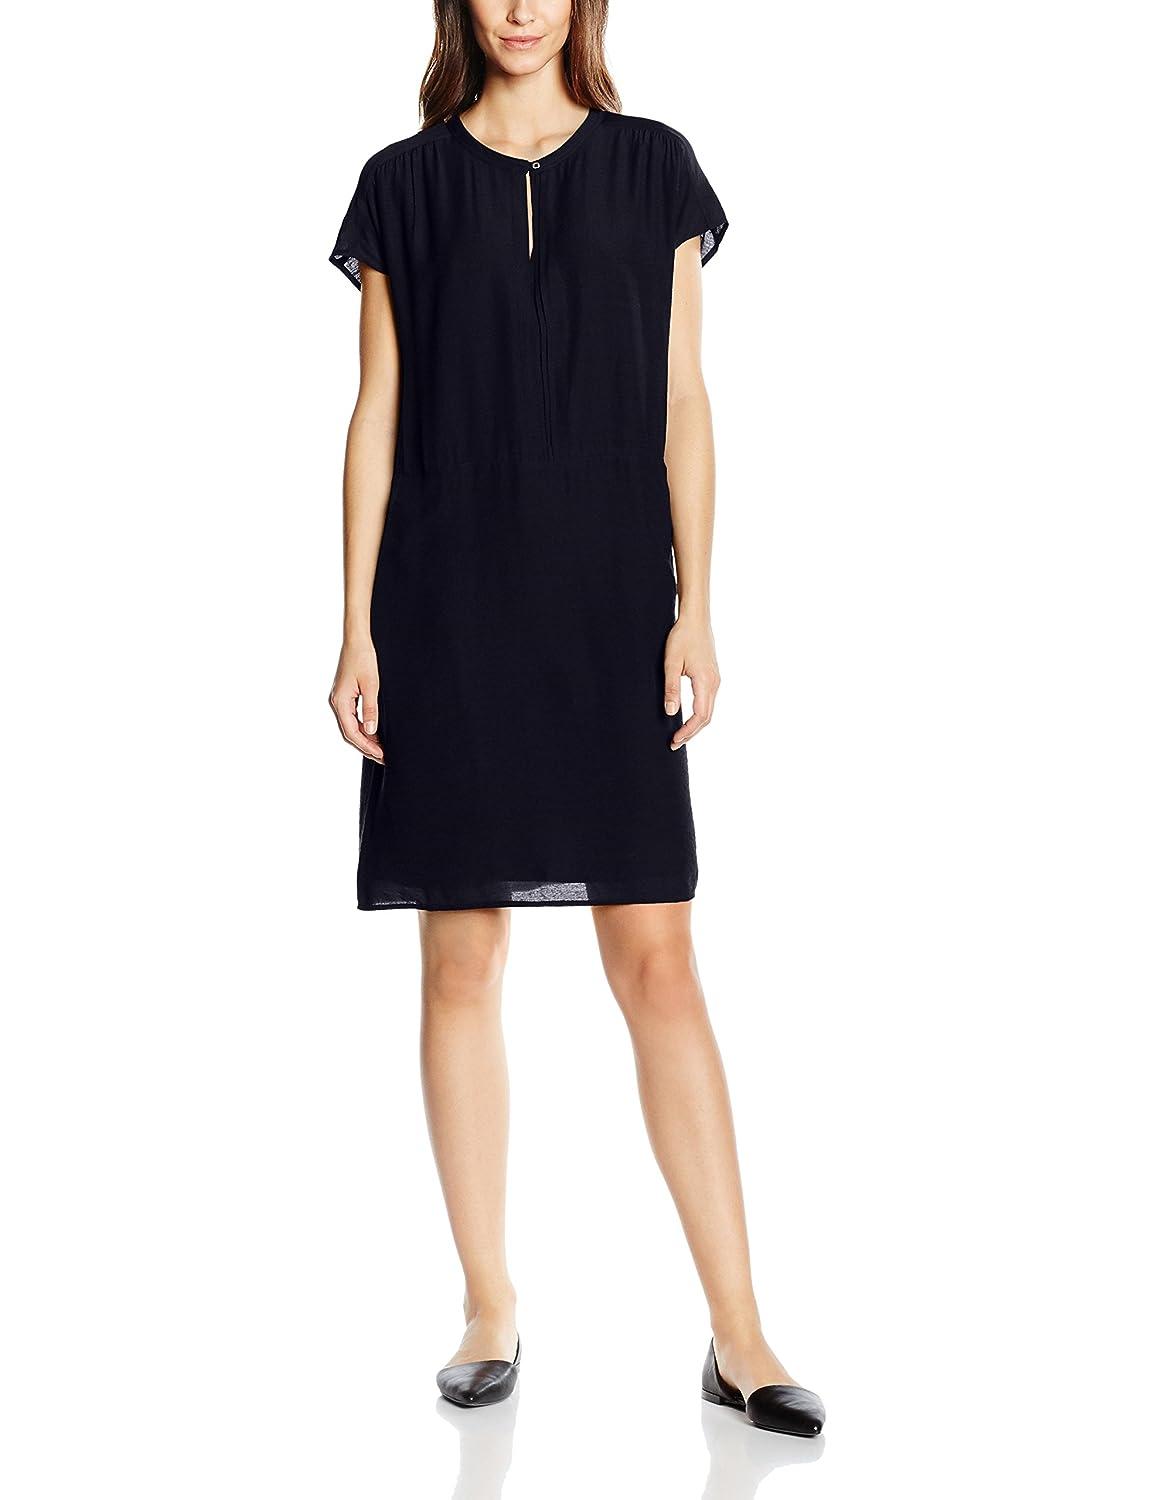 Marc O'Polo Damen Kleid 606131921131